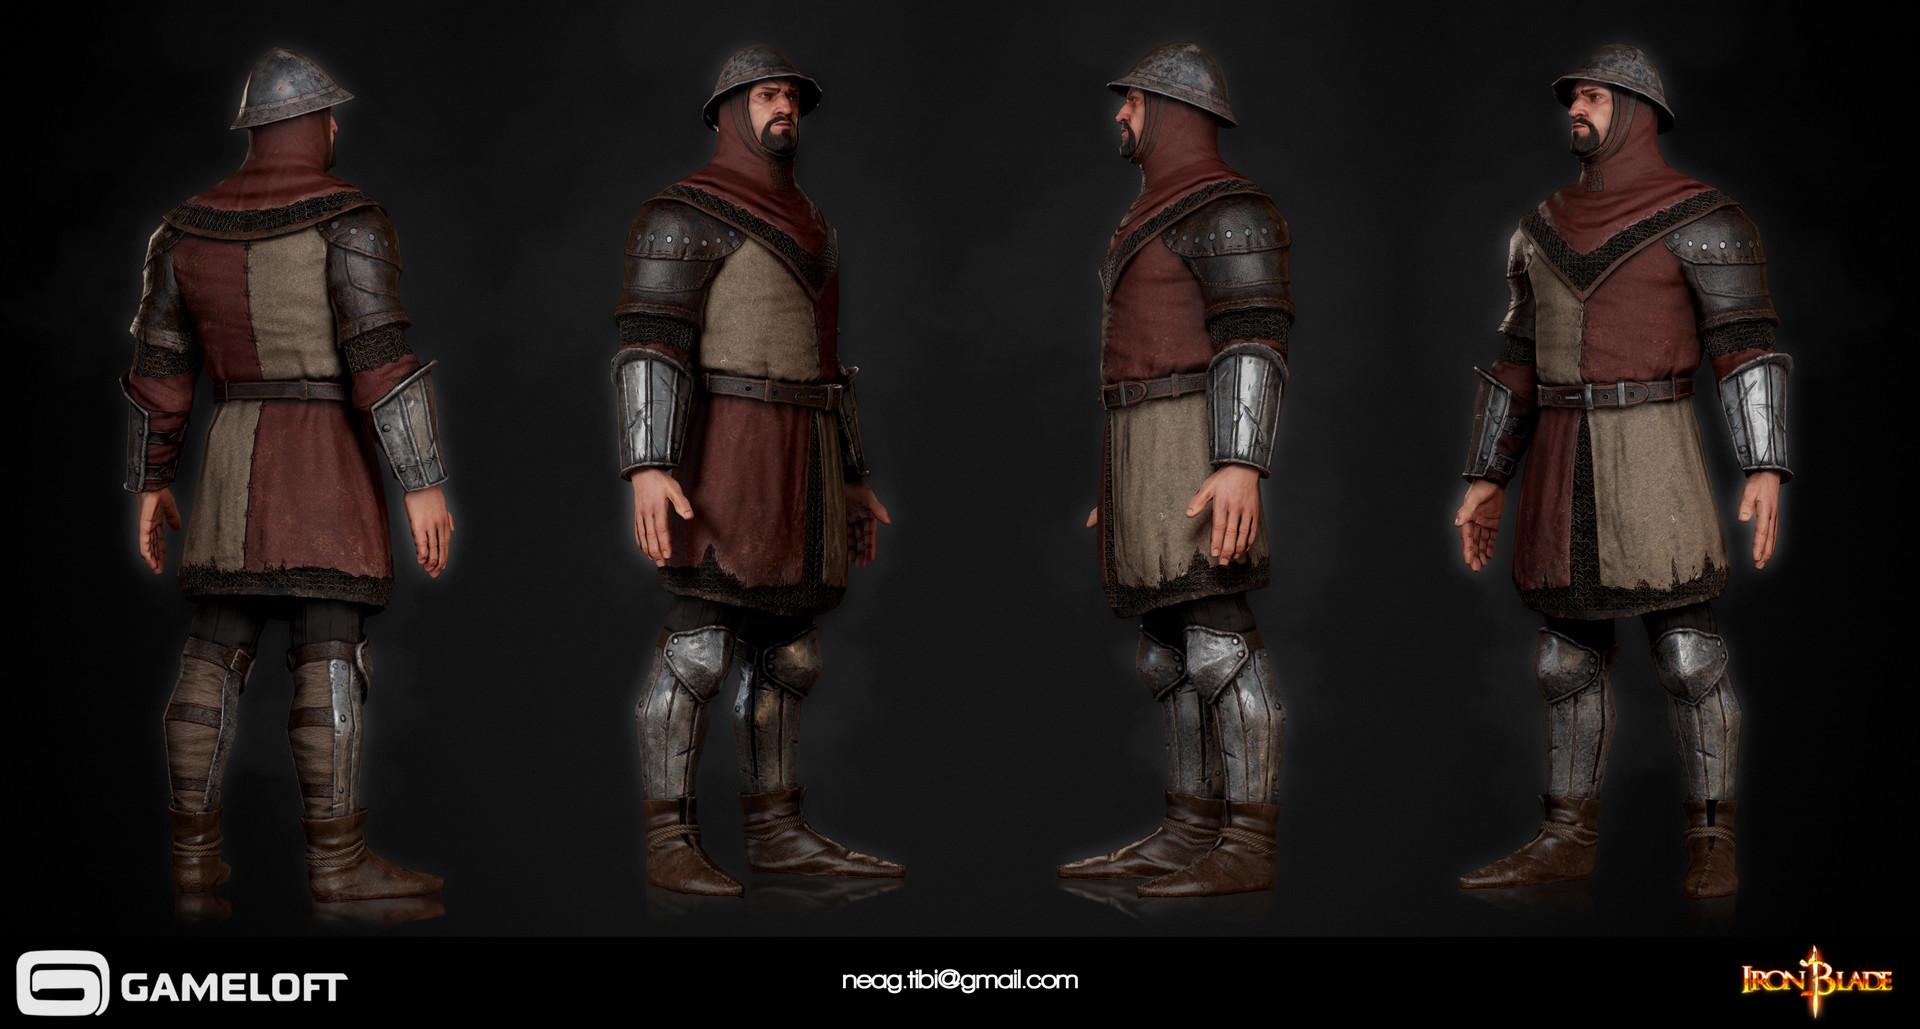 Tibi neag tibi neag iron blade garrison soldier c low poly